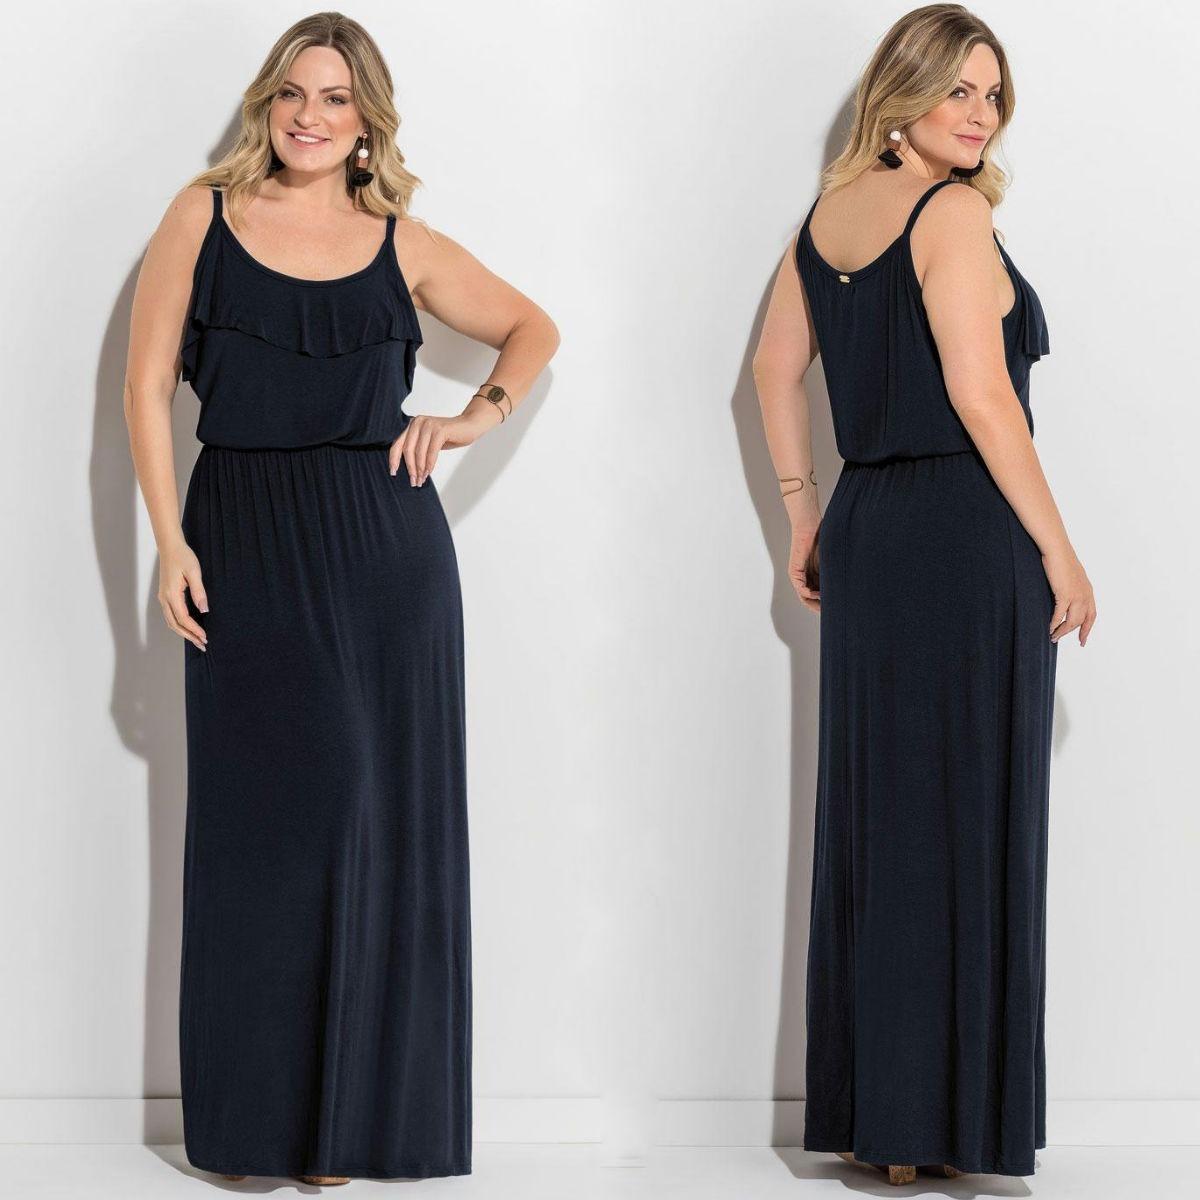 7640656db vestido plus size moda evangélica longo lindo em promoção. Carregando zoom.